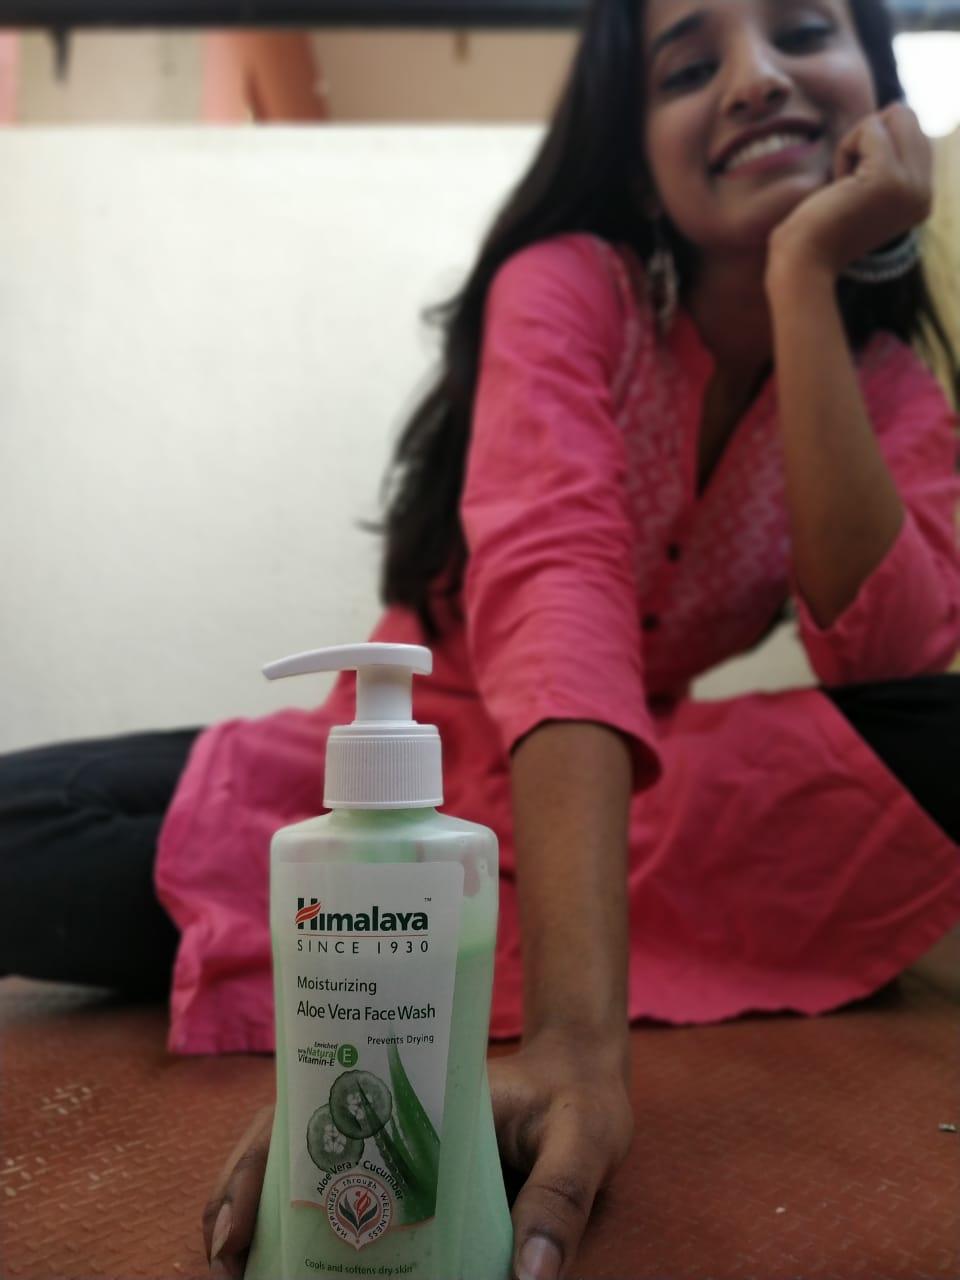 Himalaya Moisturizing Aloe Vera Face Wash-Himalaya moisturising aloe vera face wash-By nidhiprakash12